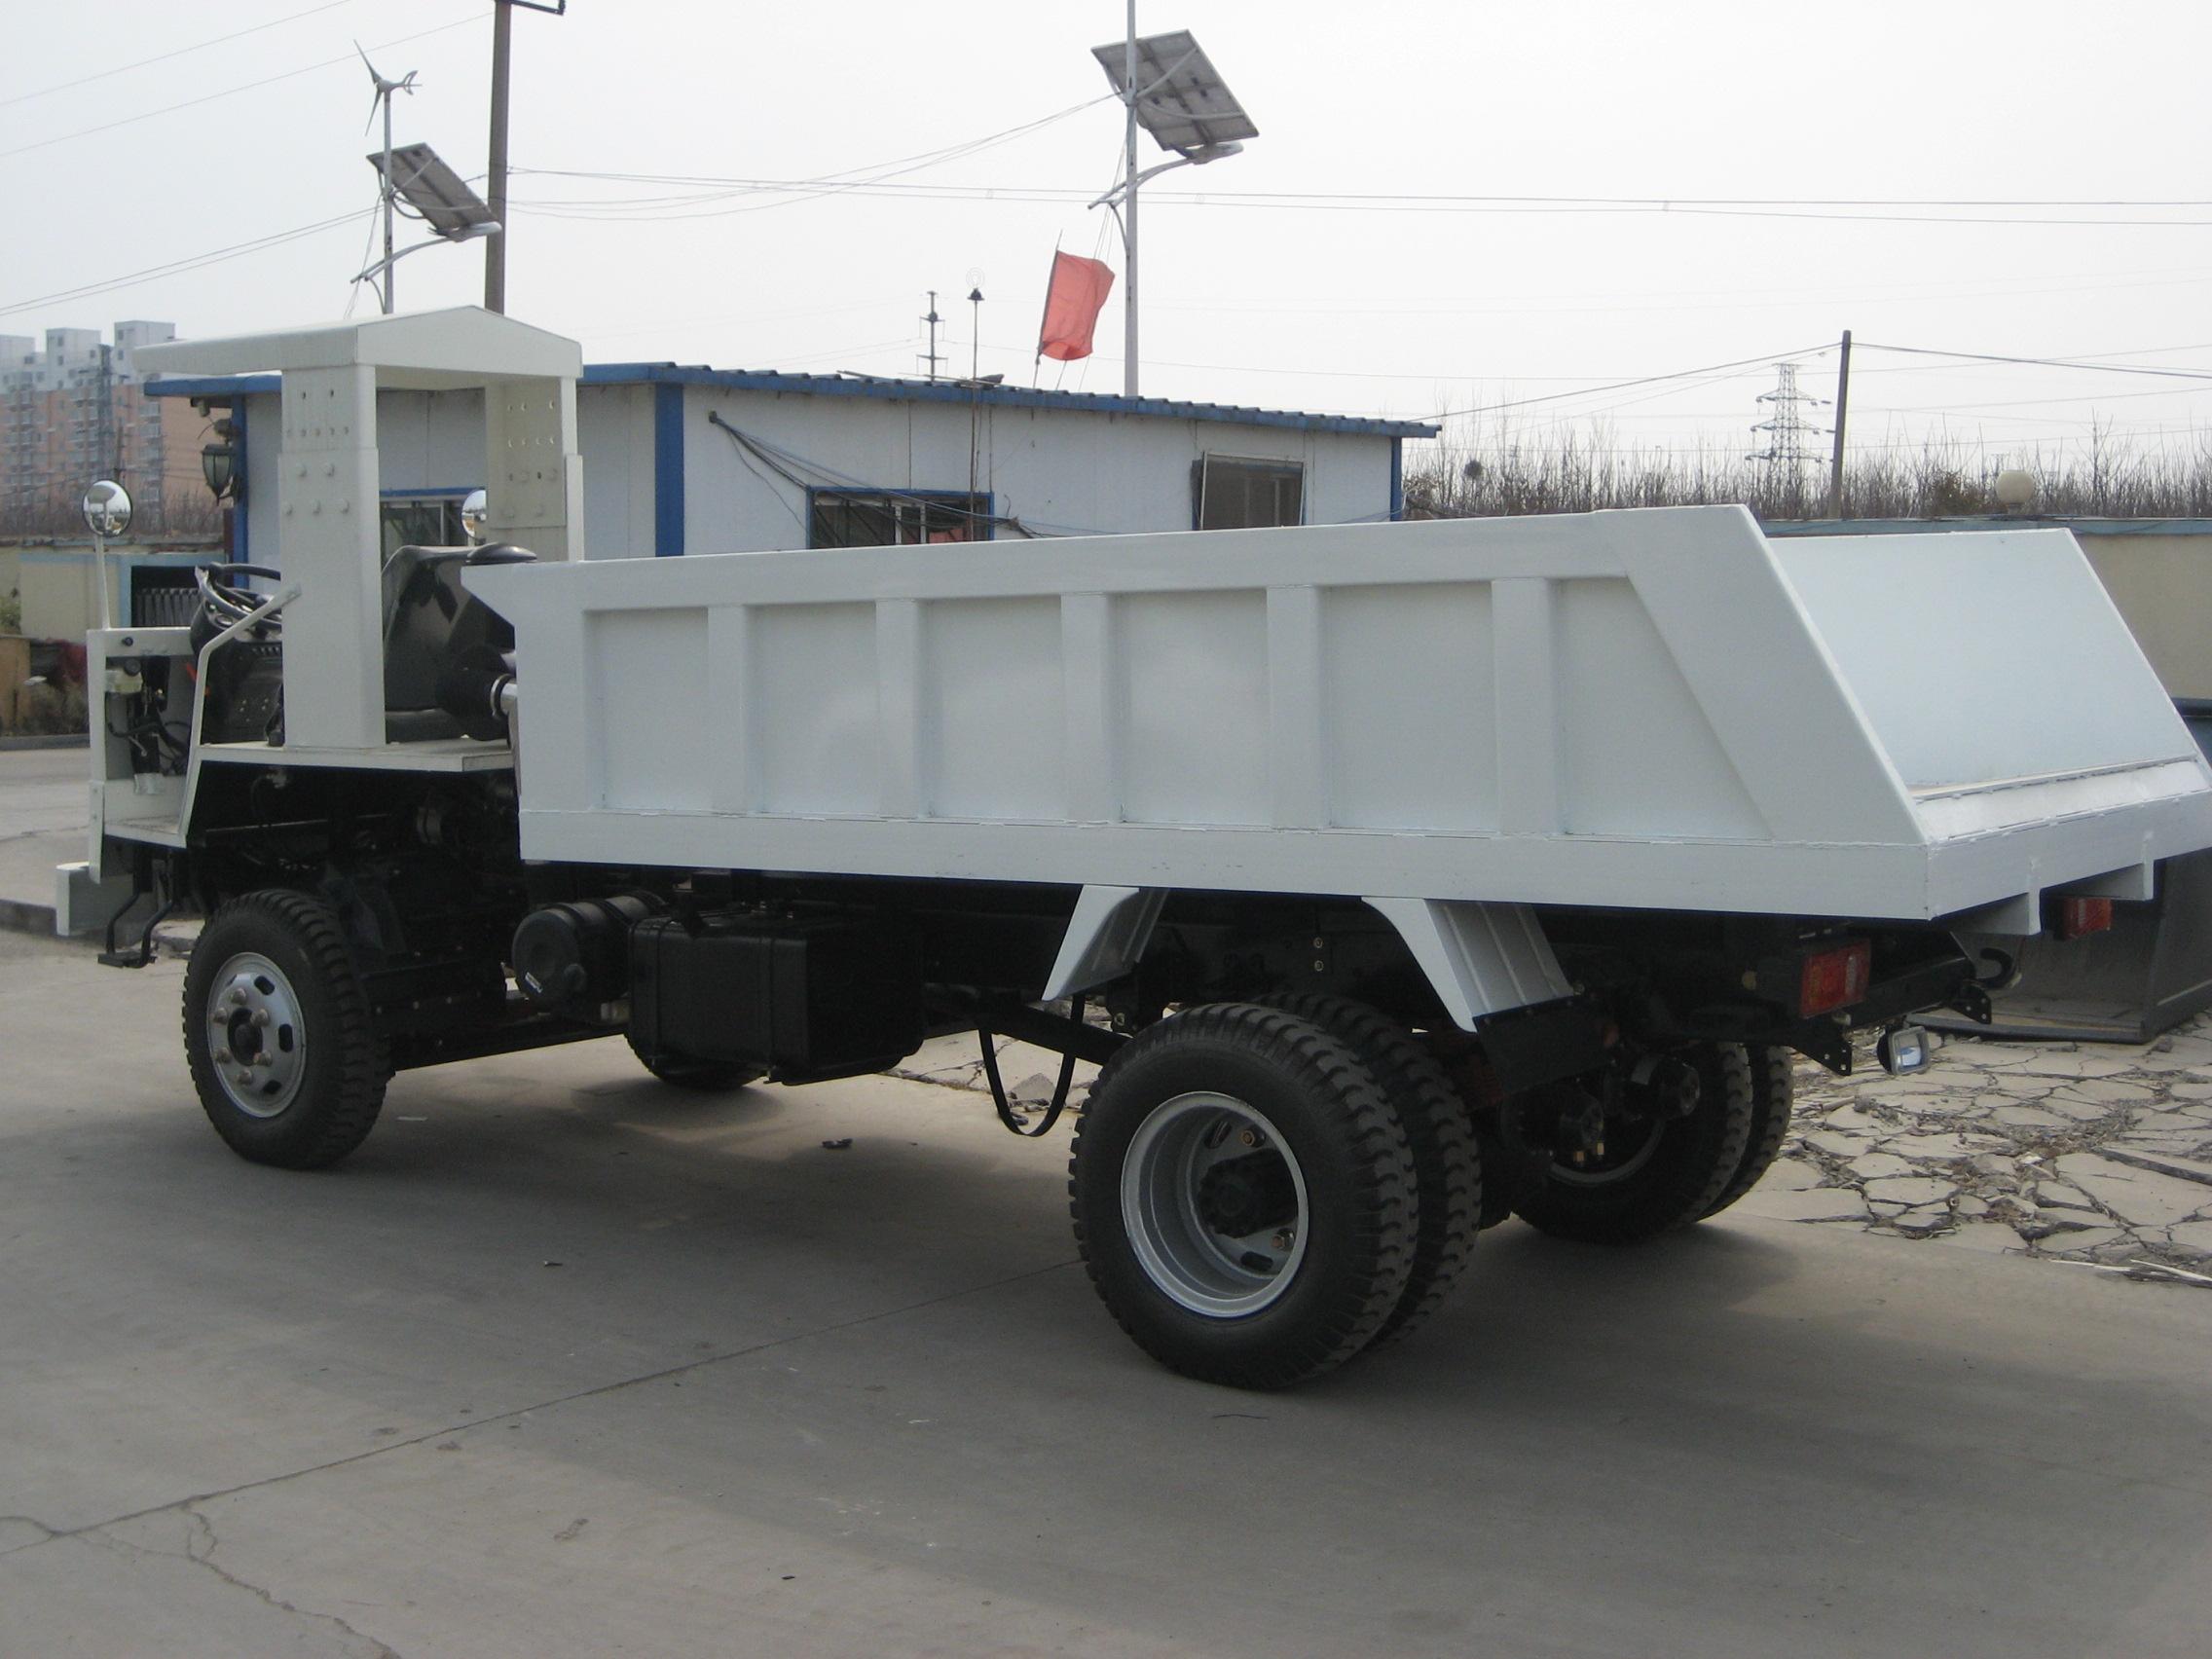 现代重工XDYS-8矿用自卸车高清图 - 外观